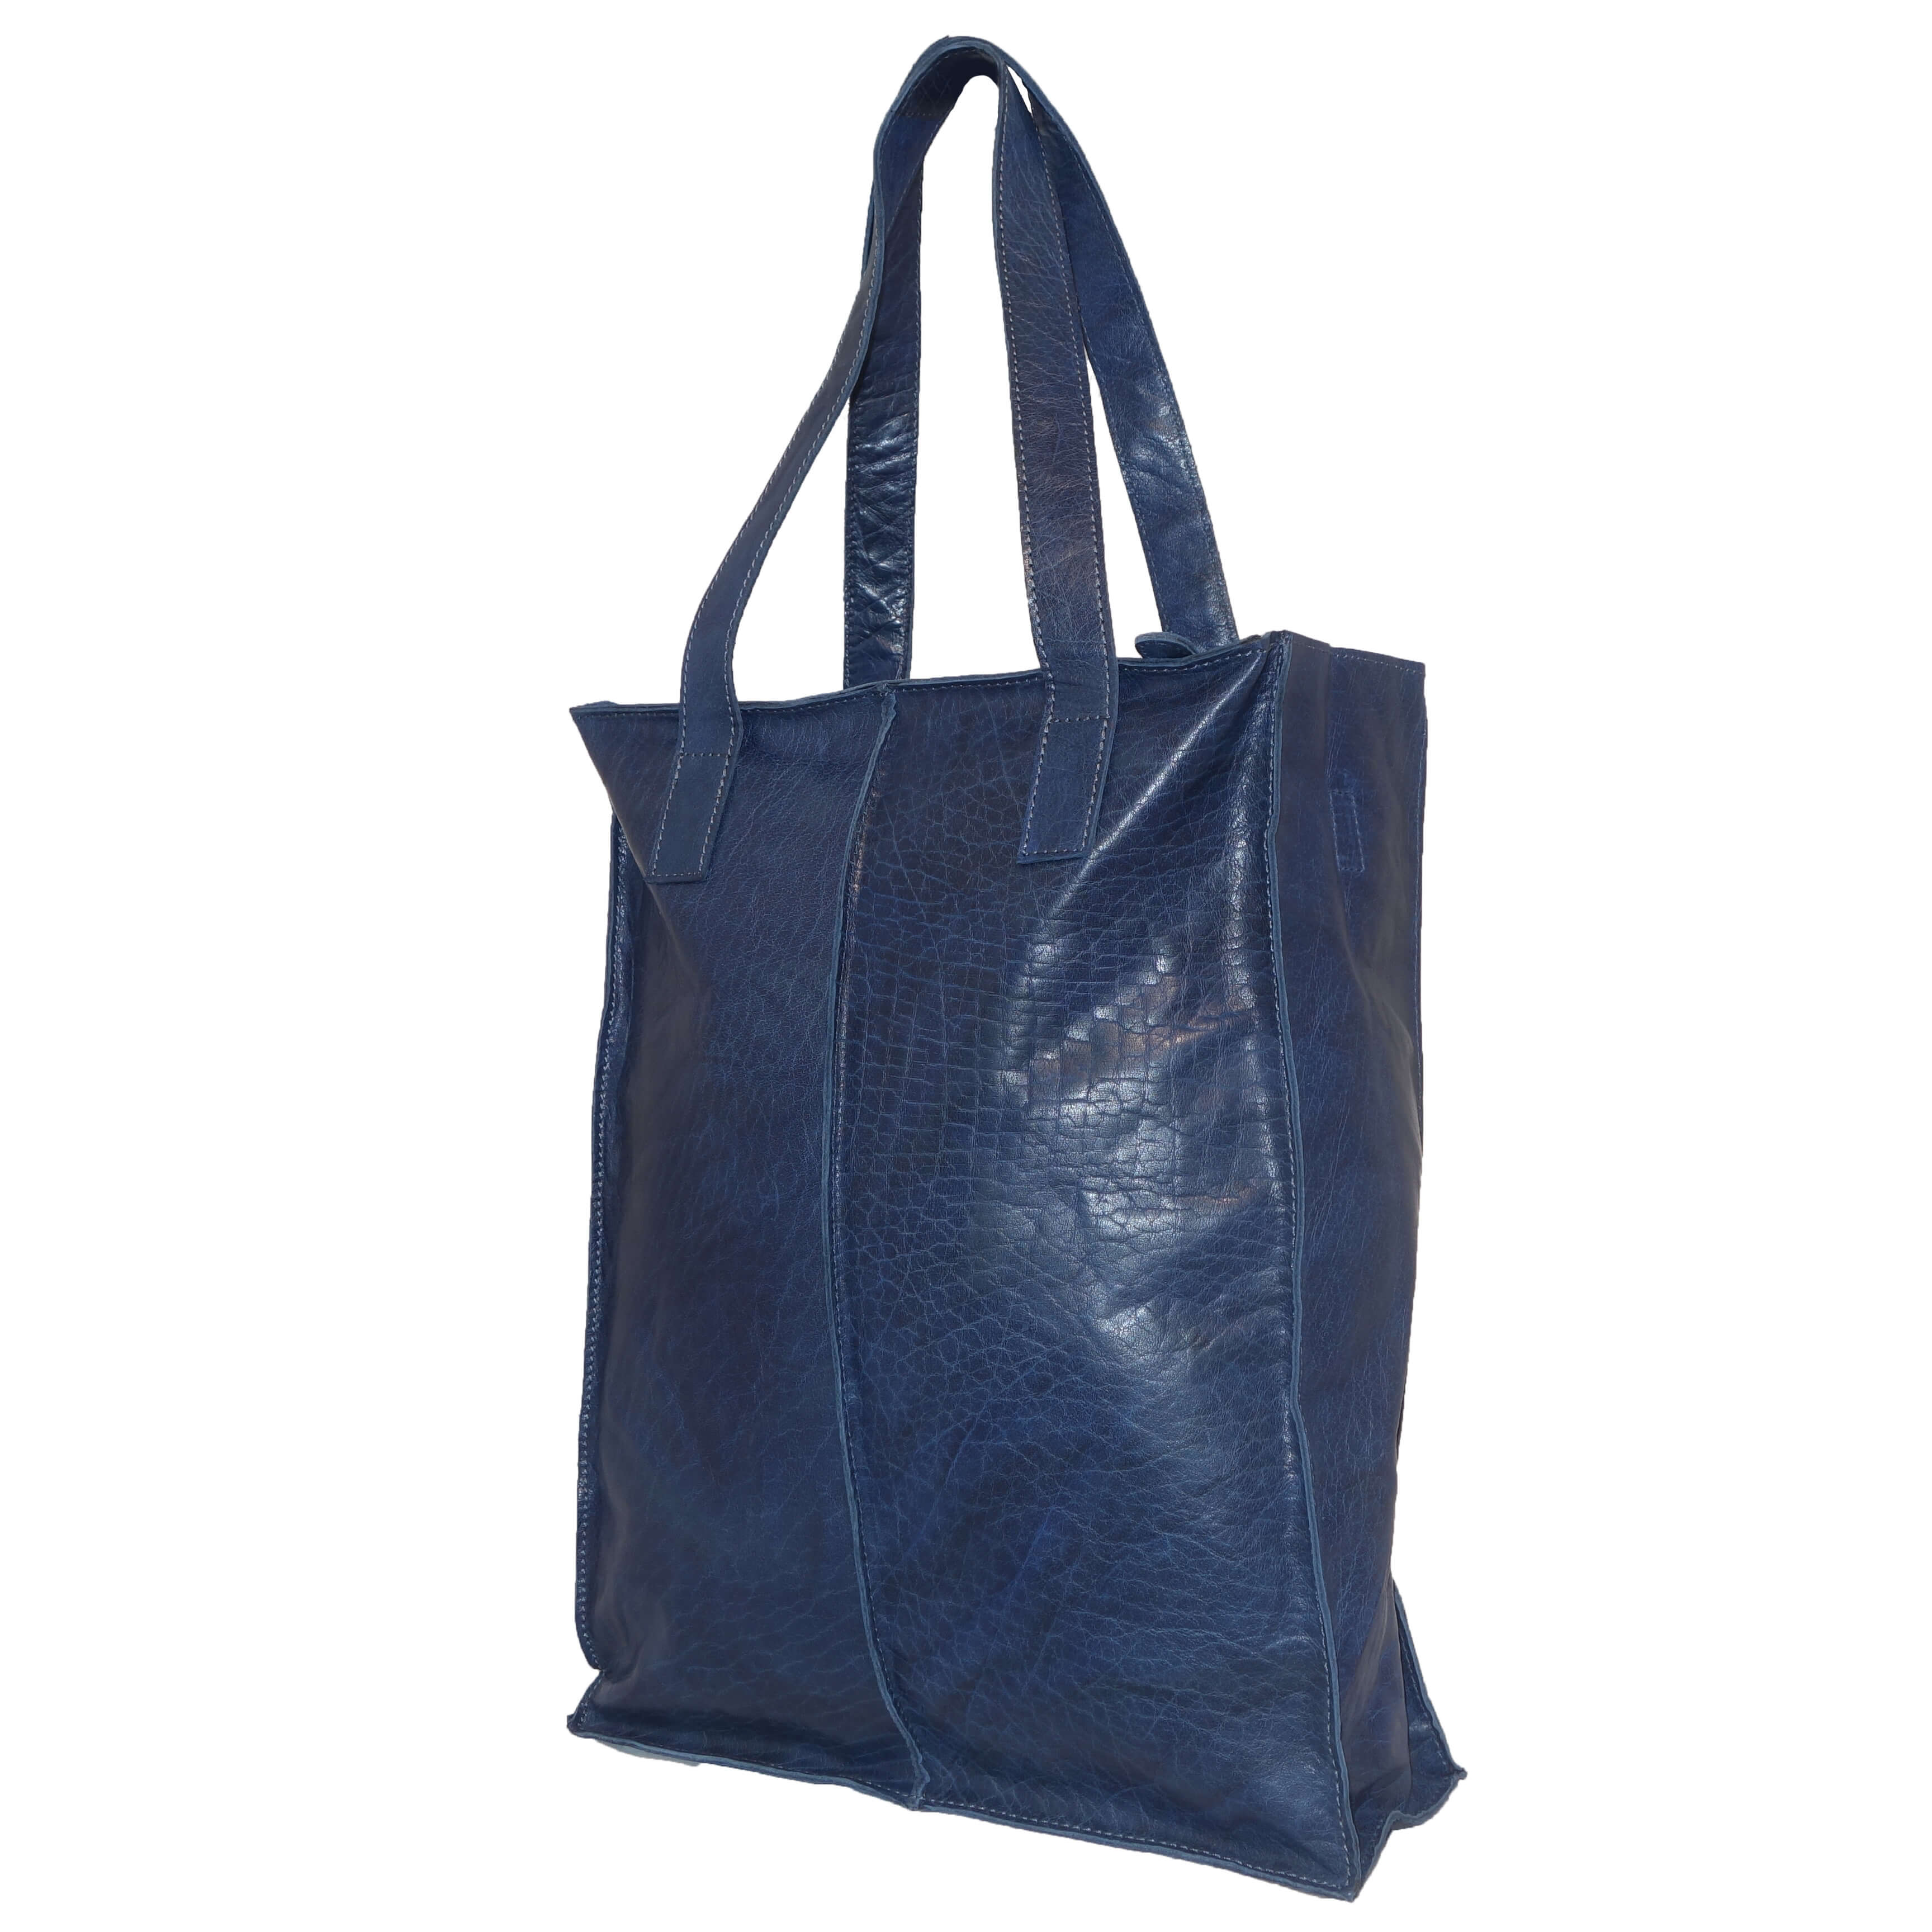 Echt Leren Justified Shopper Blauw-7212